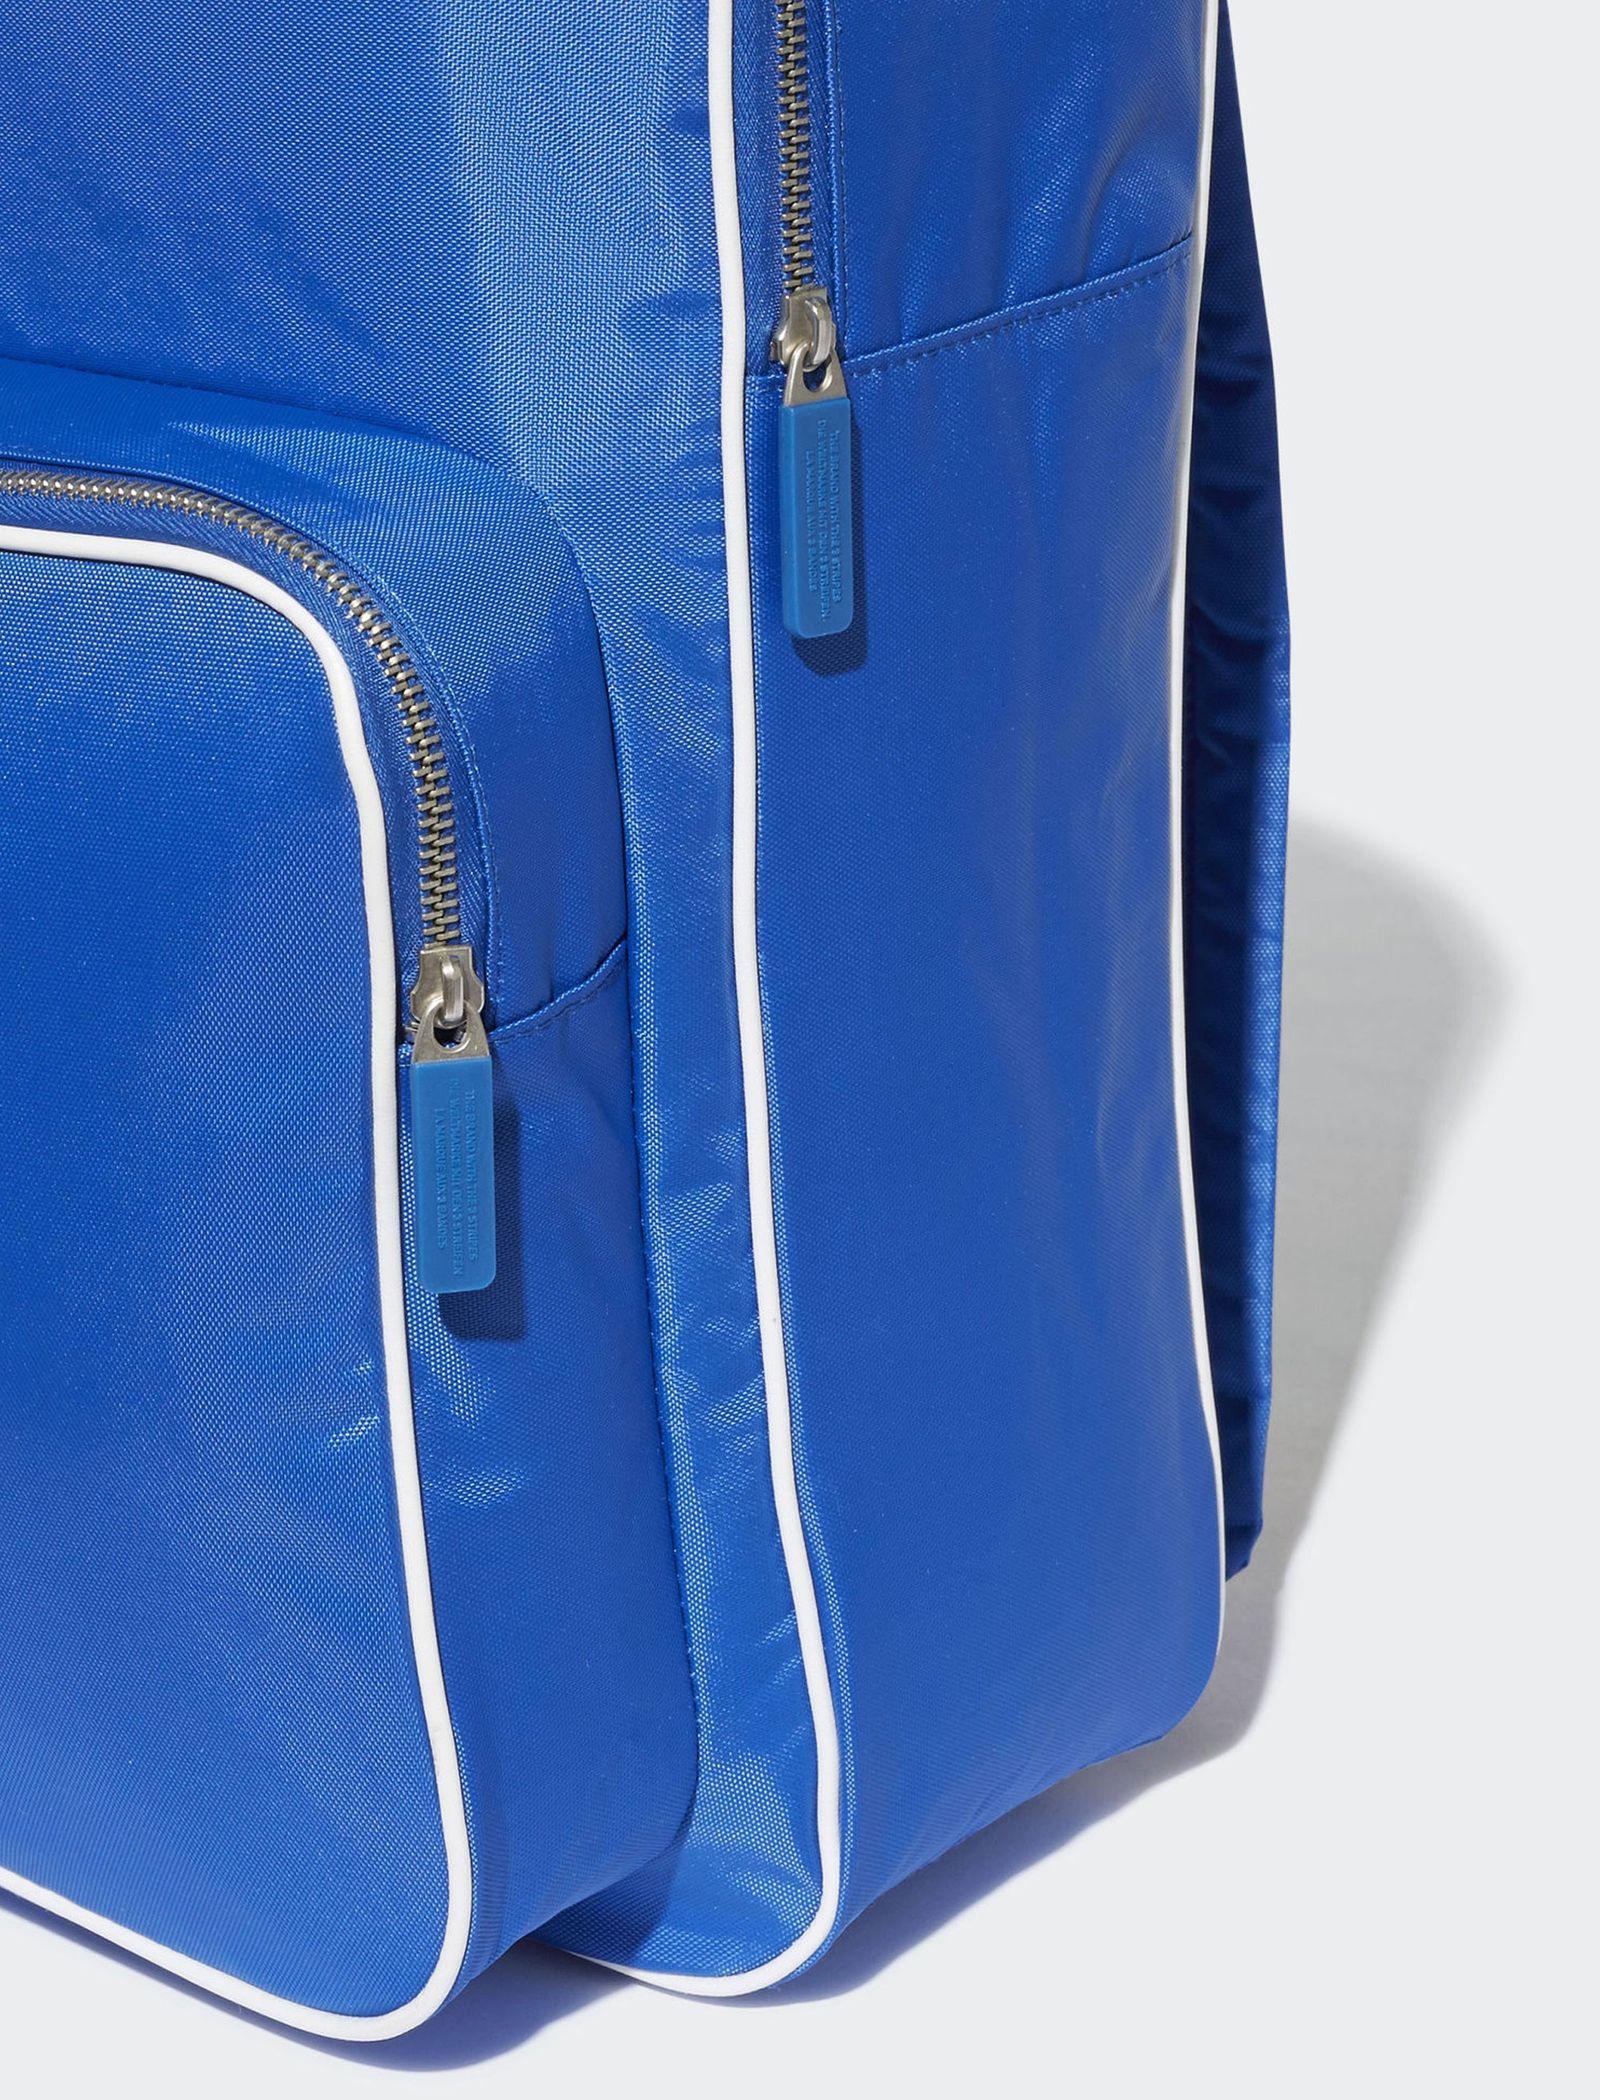 کوله پشتی روزمره بزرگسال Classic - آدیداس تک سایز - آبي - 5